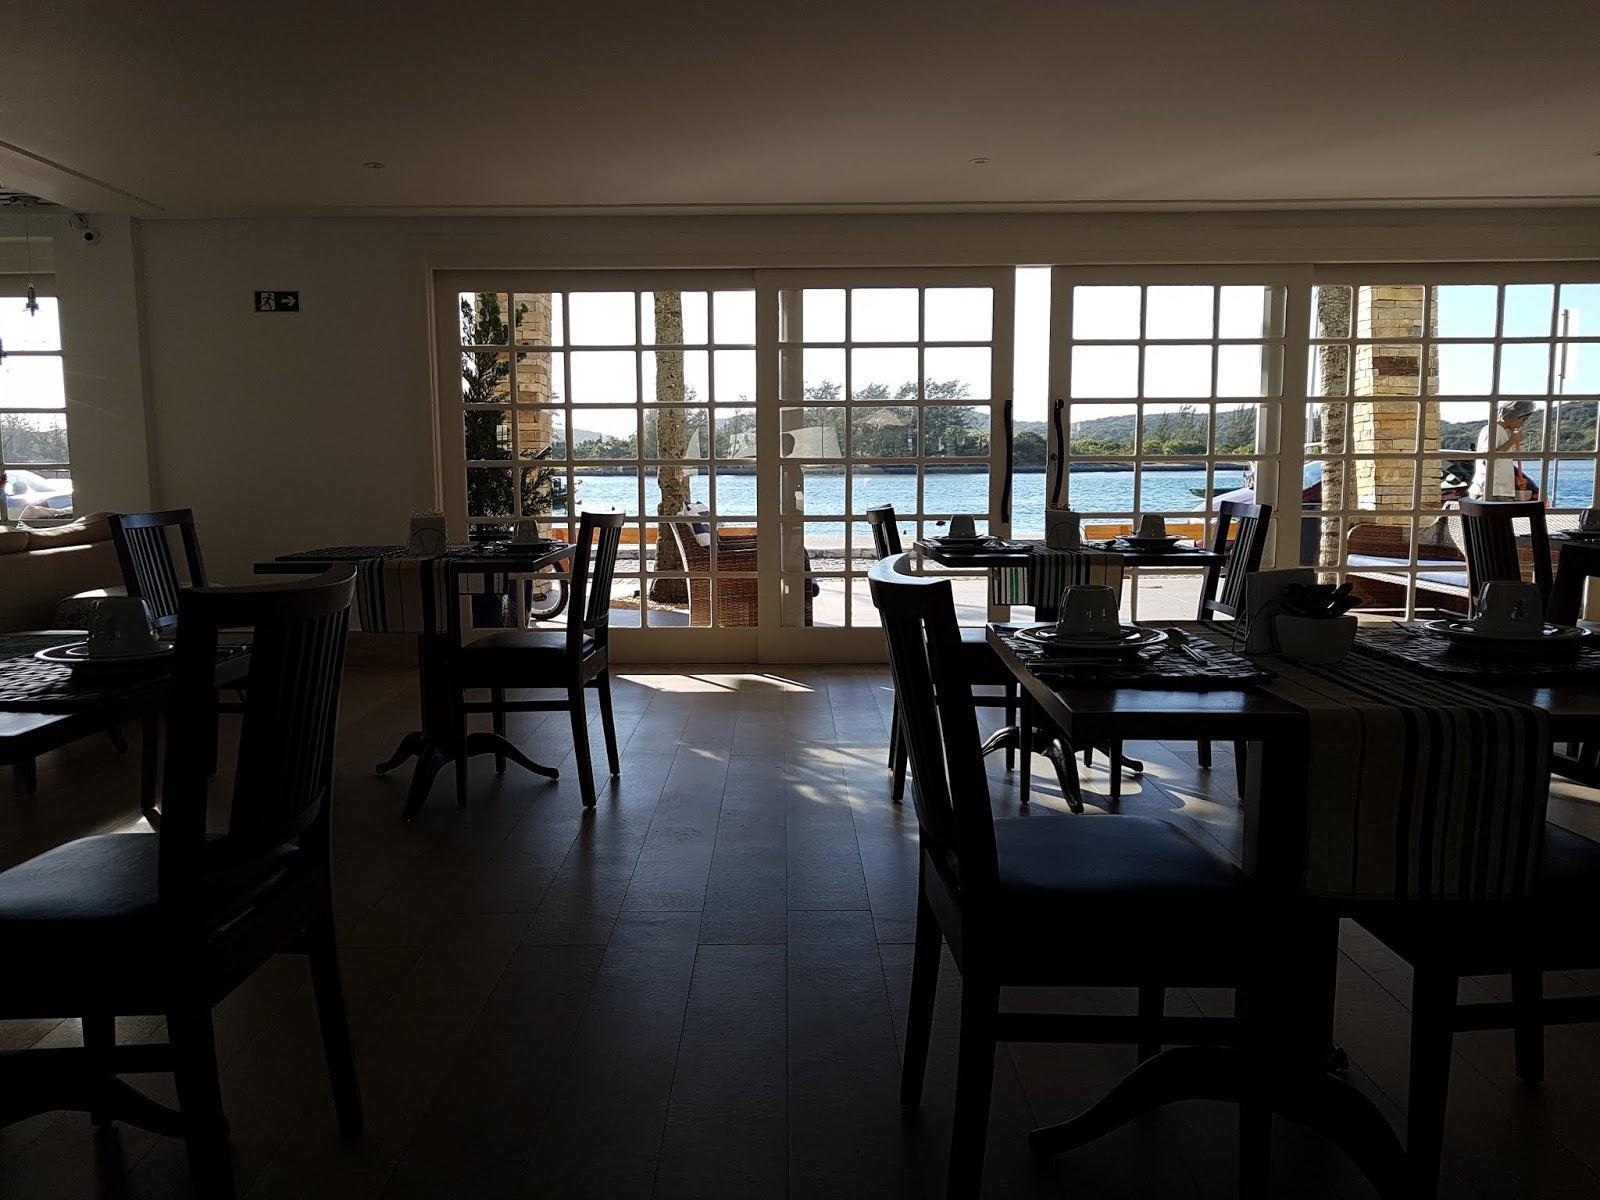 Café da manhã no Hotel Boutique Recanto da Passagem,Cabo Frio